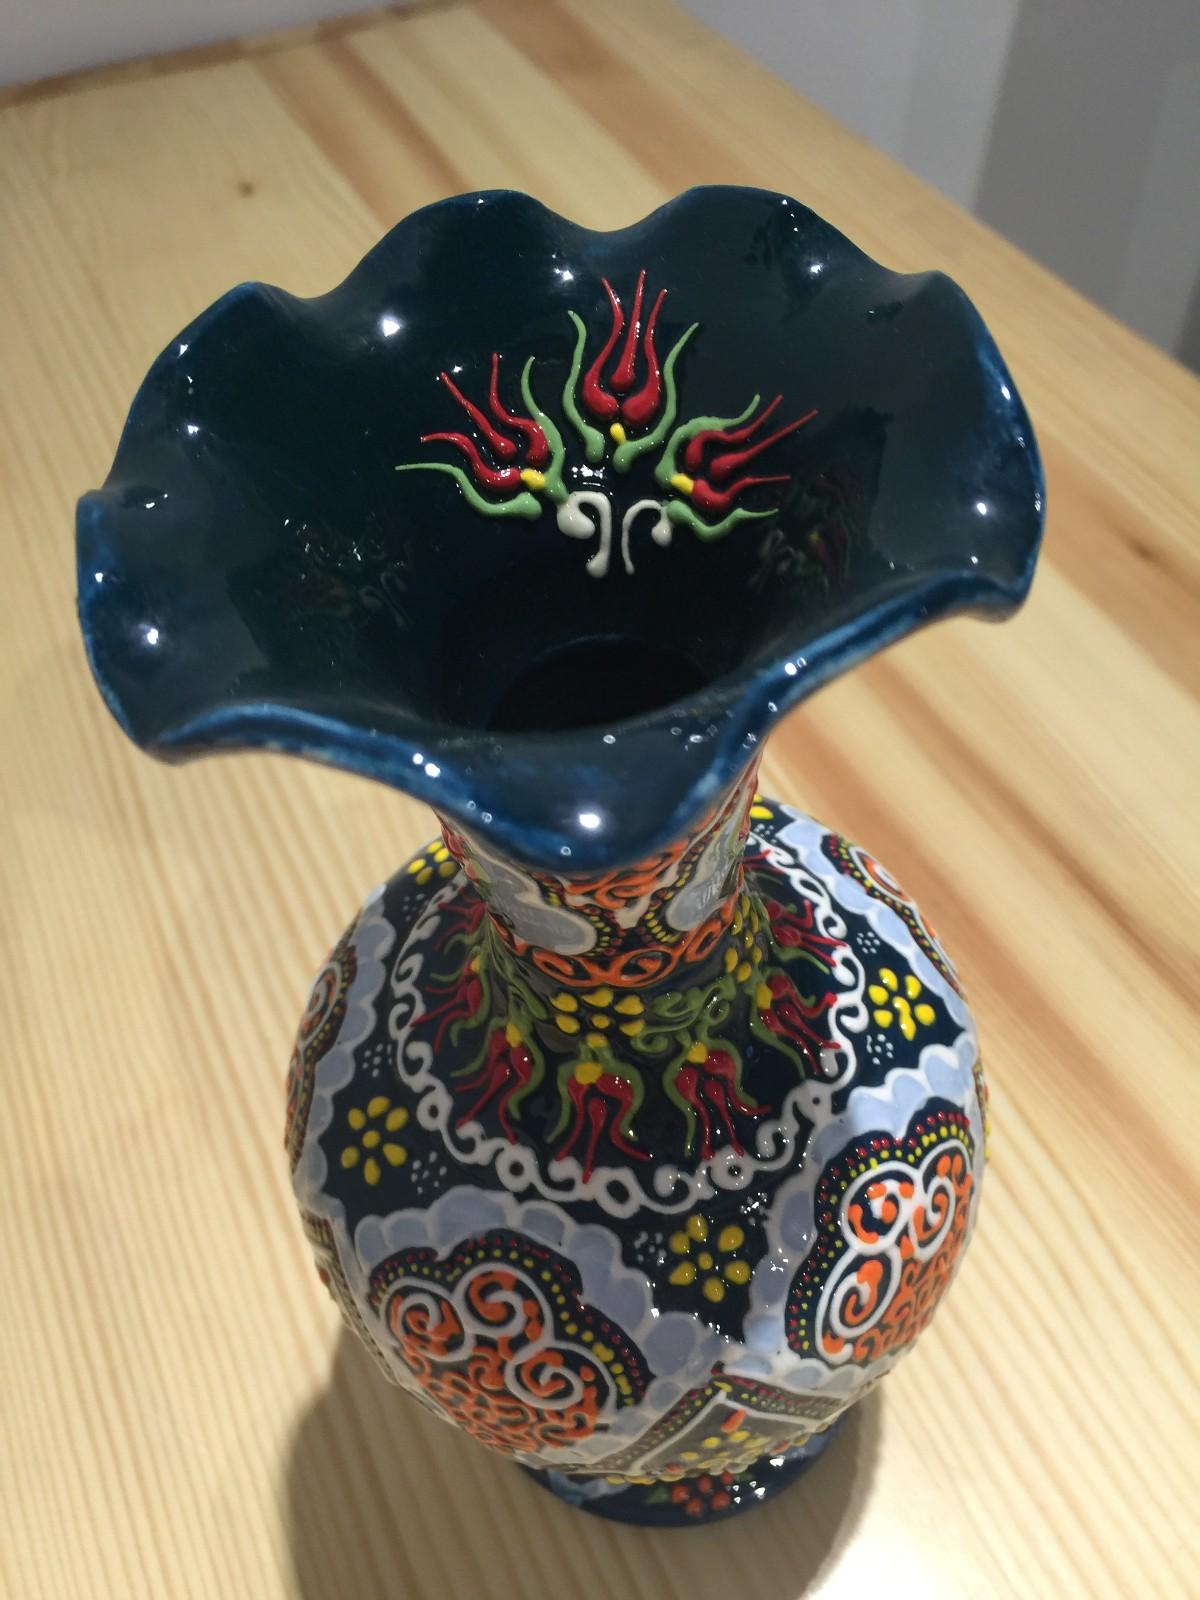 土耳其精品陶艺工艺品 家装摆件 花瓶图片十